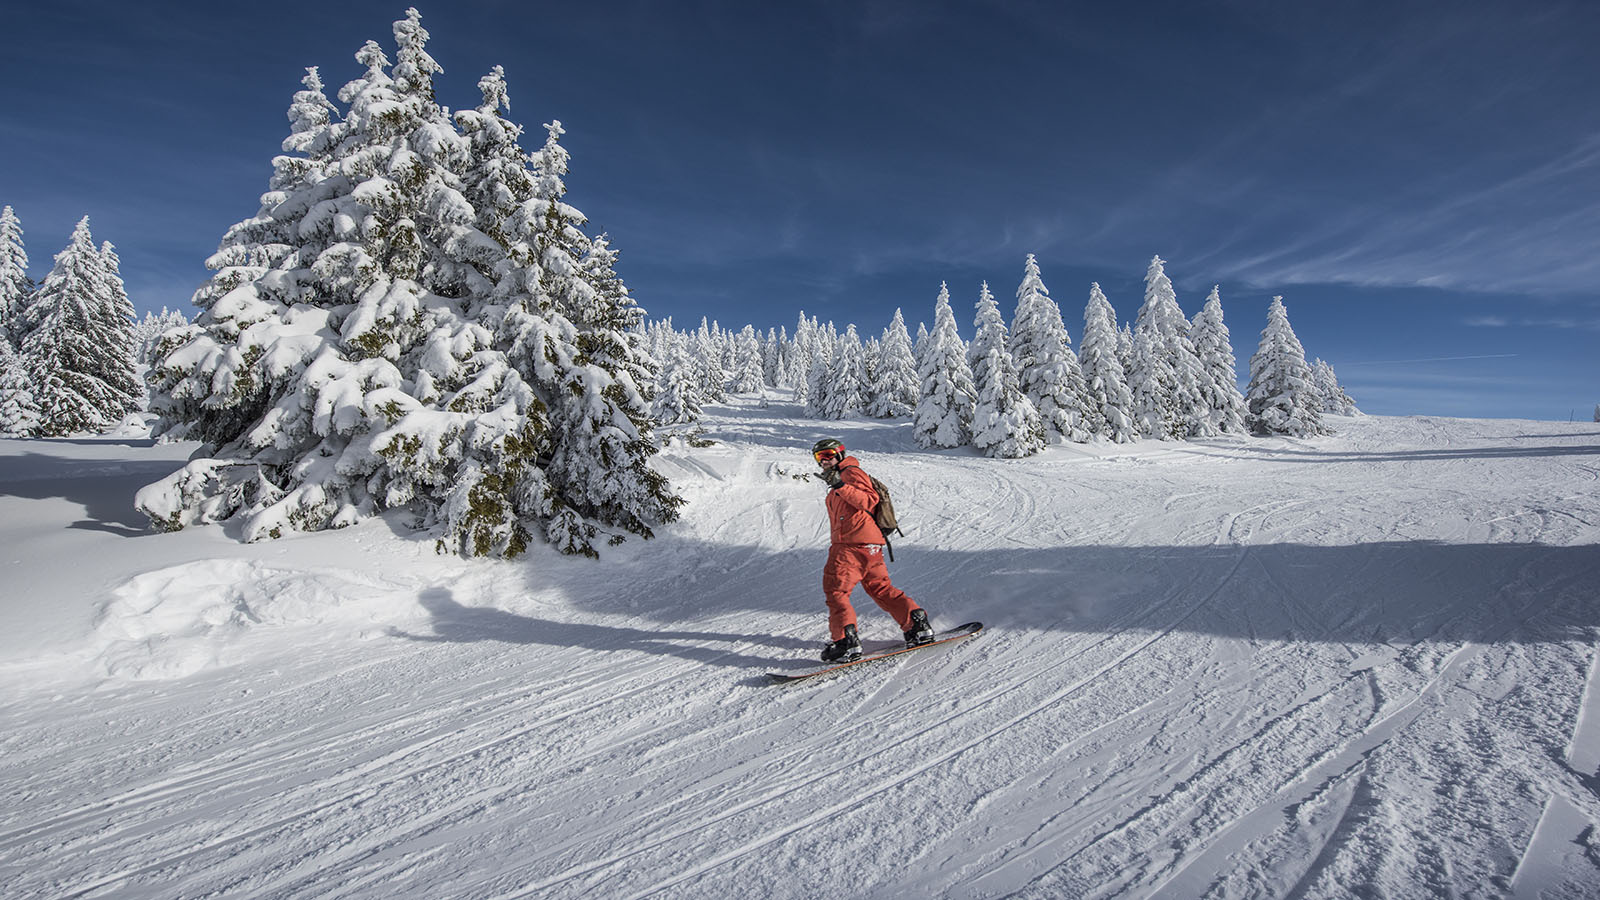 Tarifs ski alpin